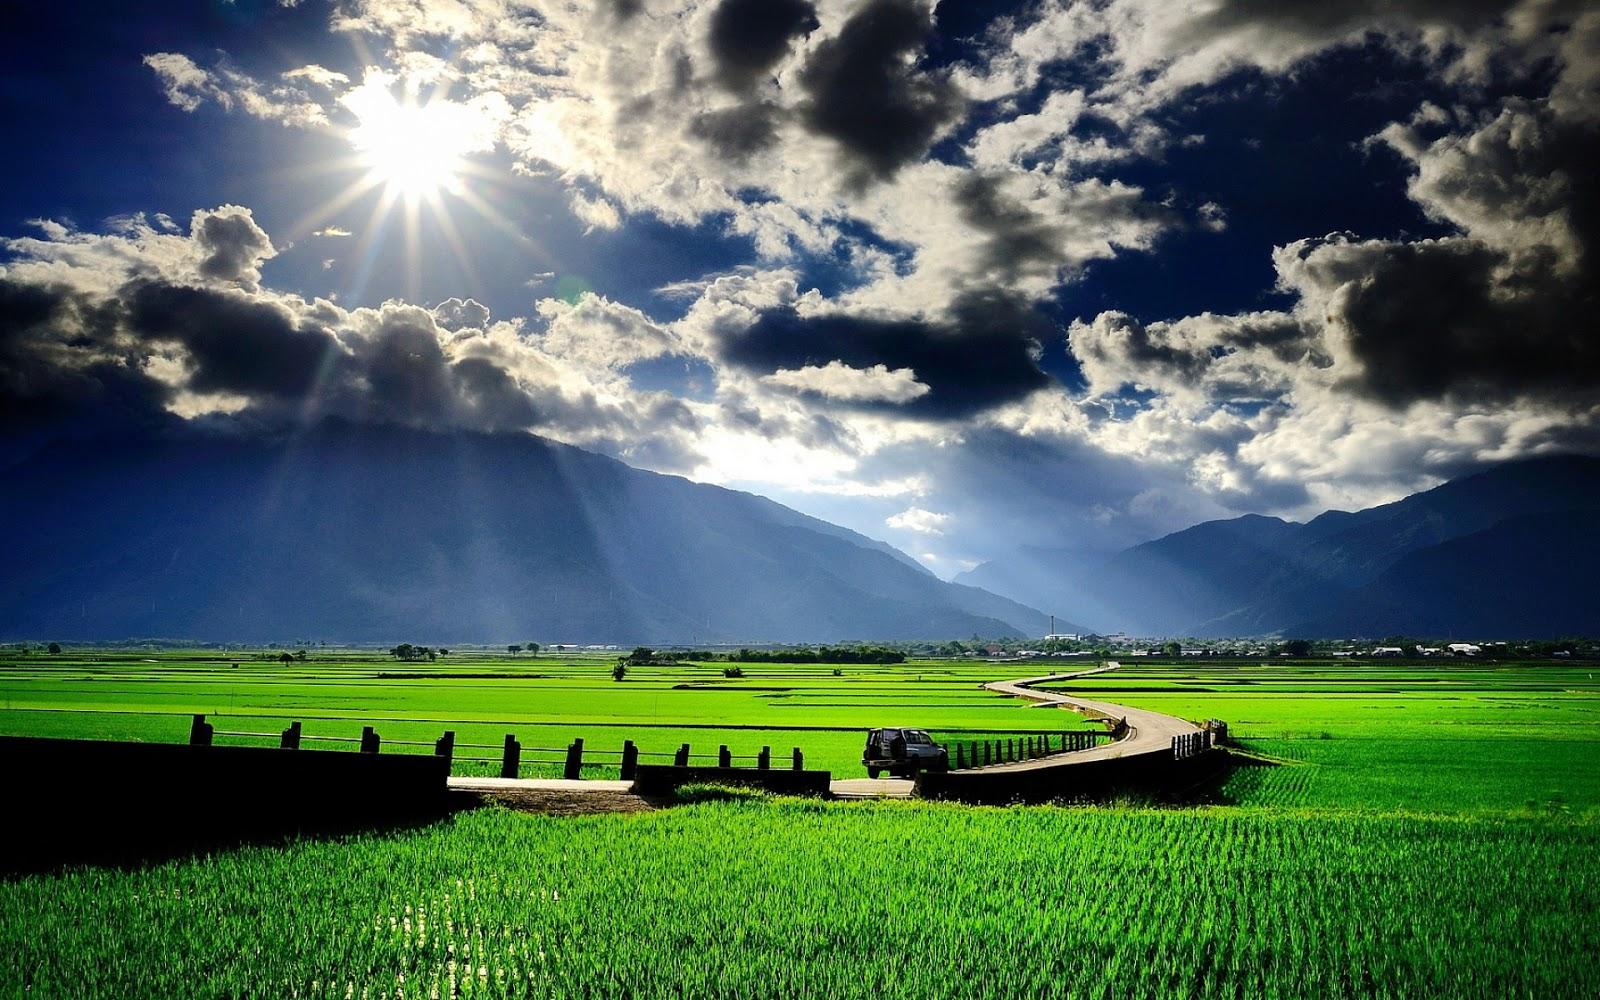 gambar pemandangan sawah yang indah